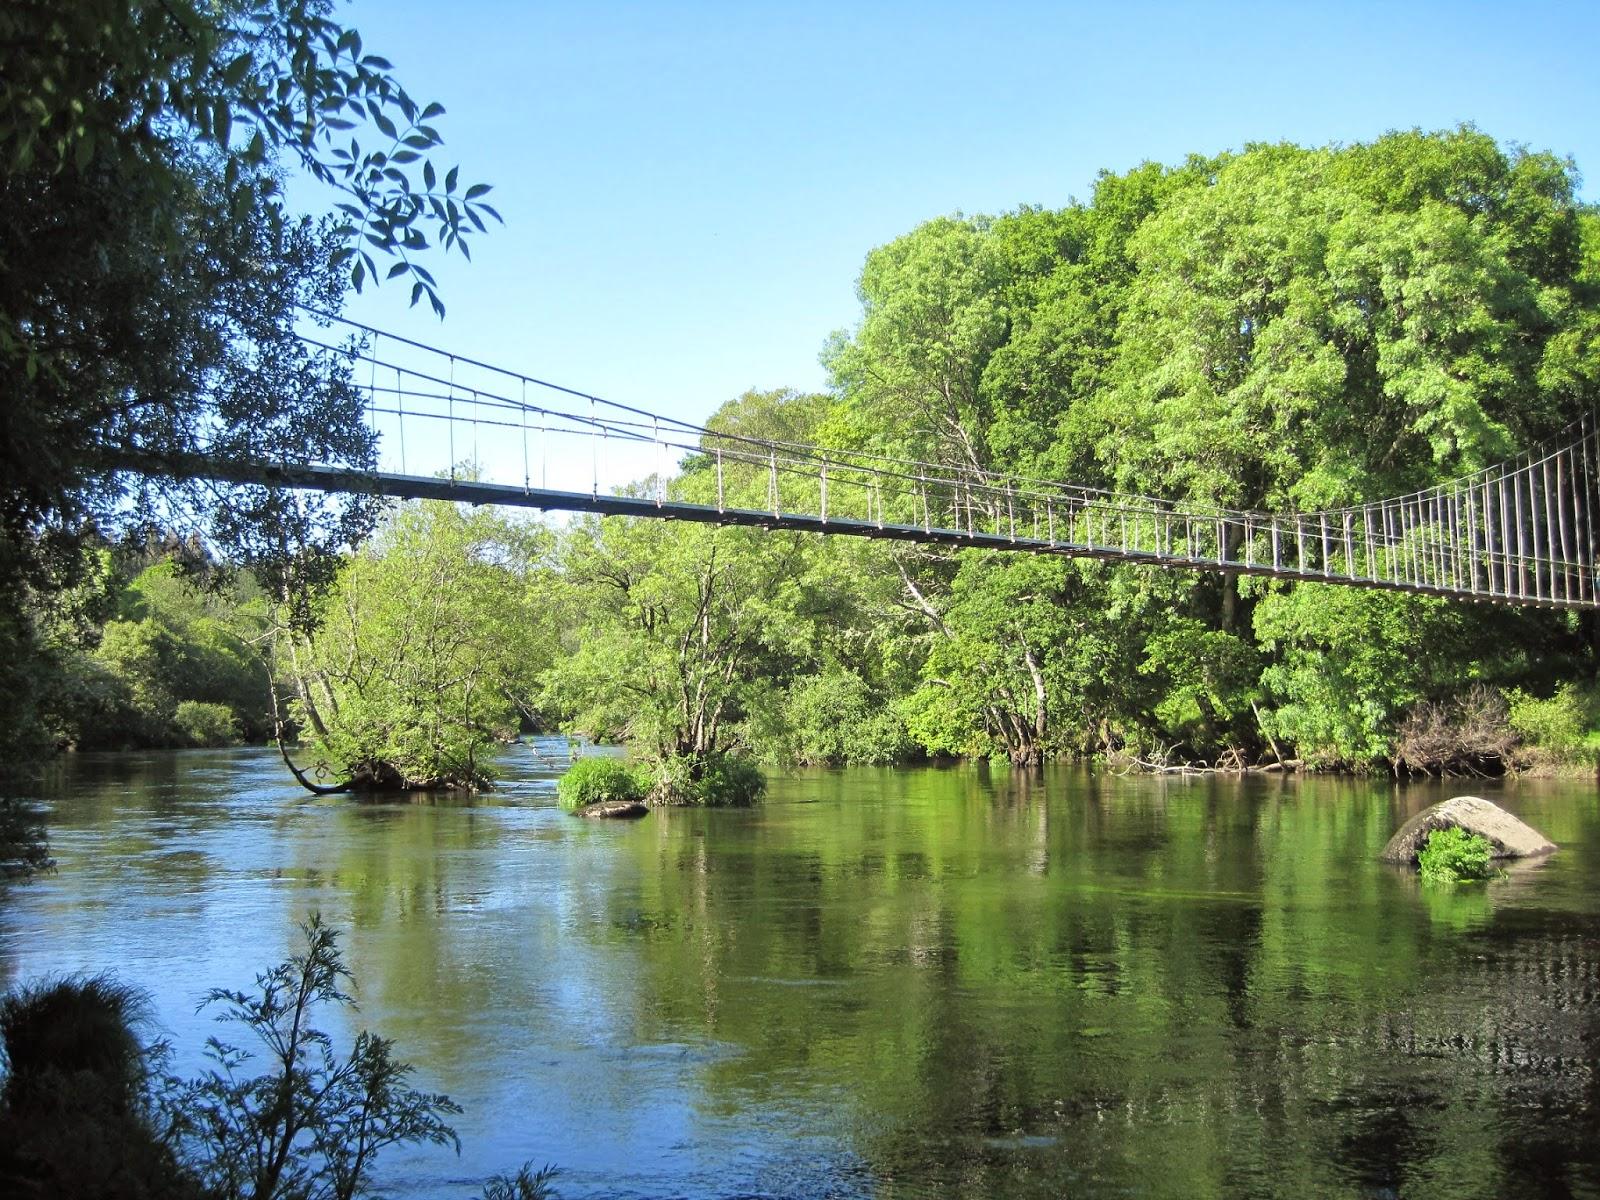 Puente Colgante de Parada en Outeiro de Rei